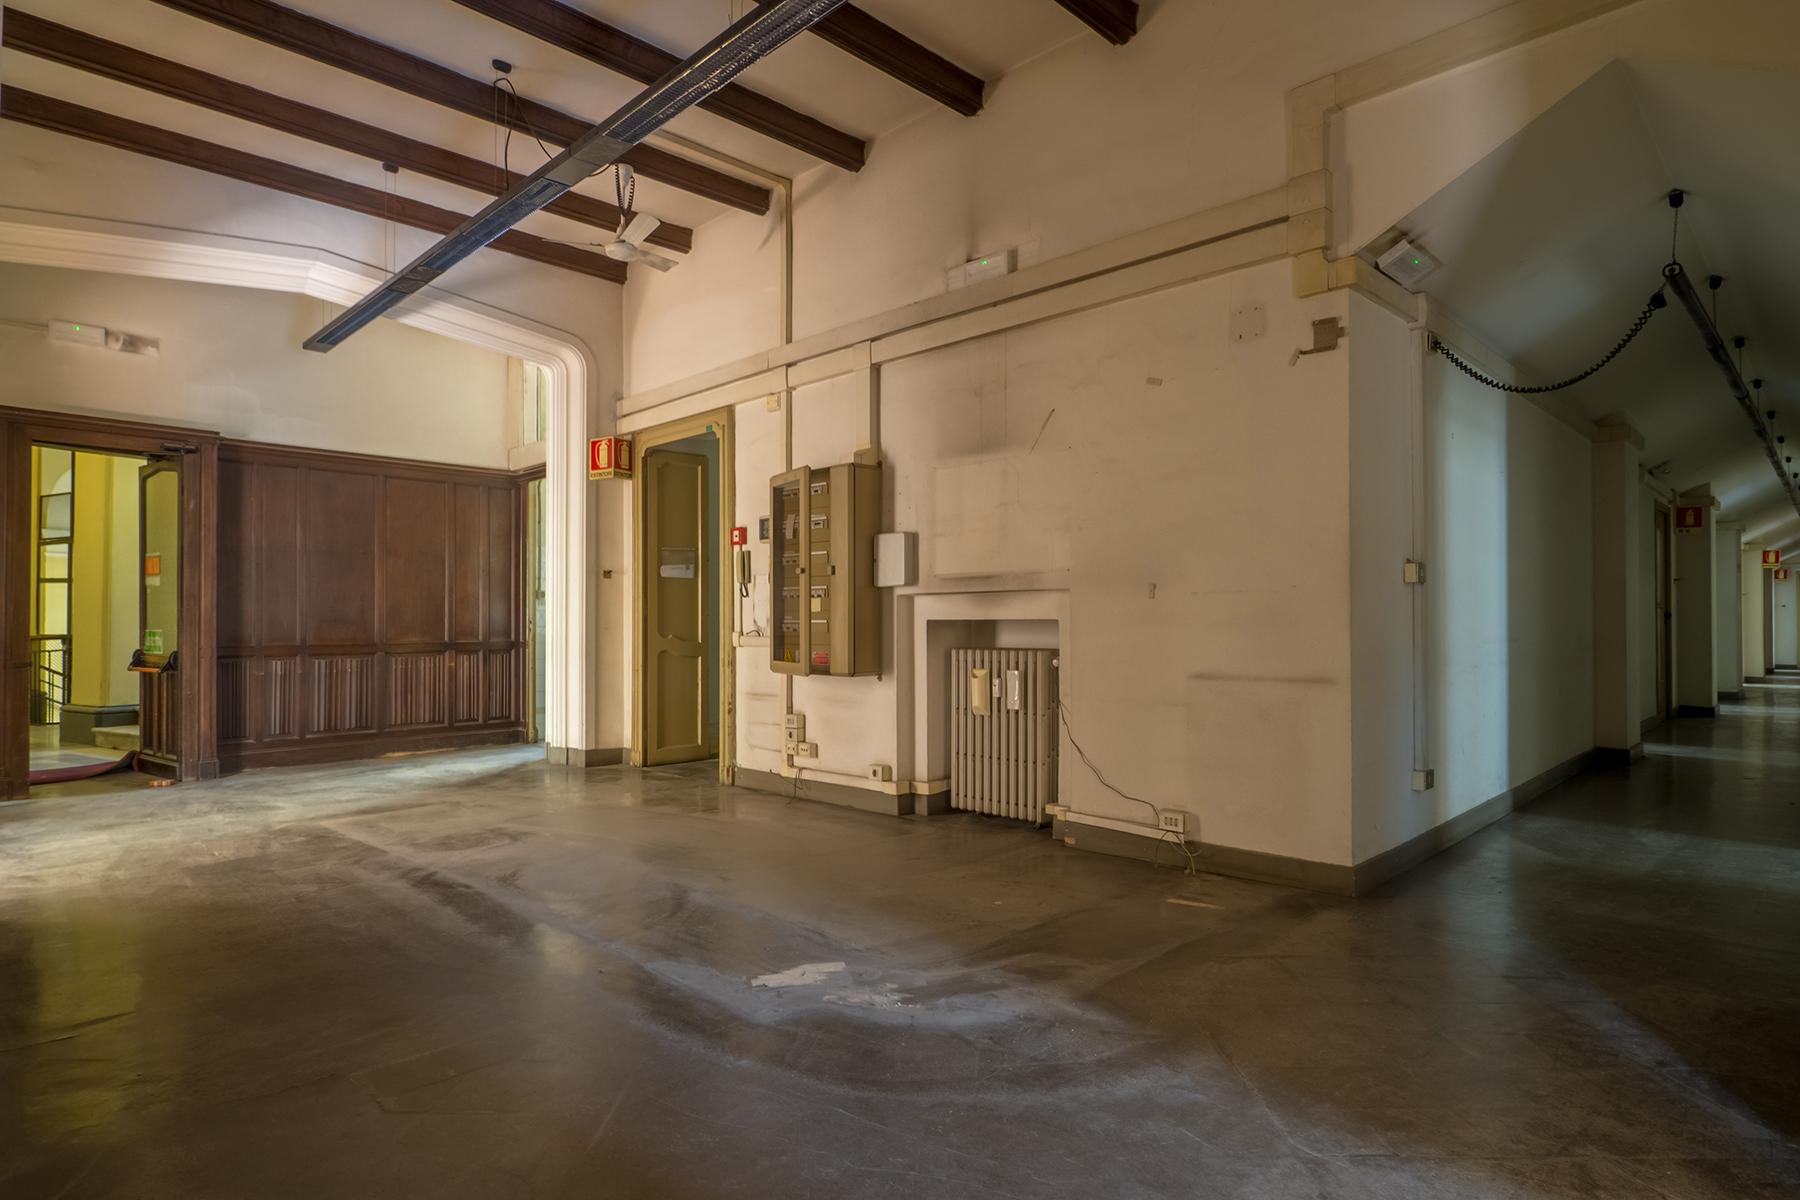 Ufficio-studio in Affitto a Torino: 5 locali, 676 mq - Foto 14